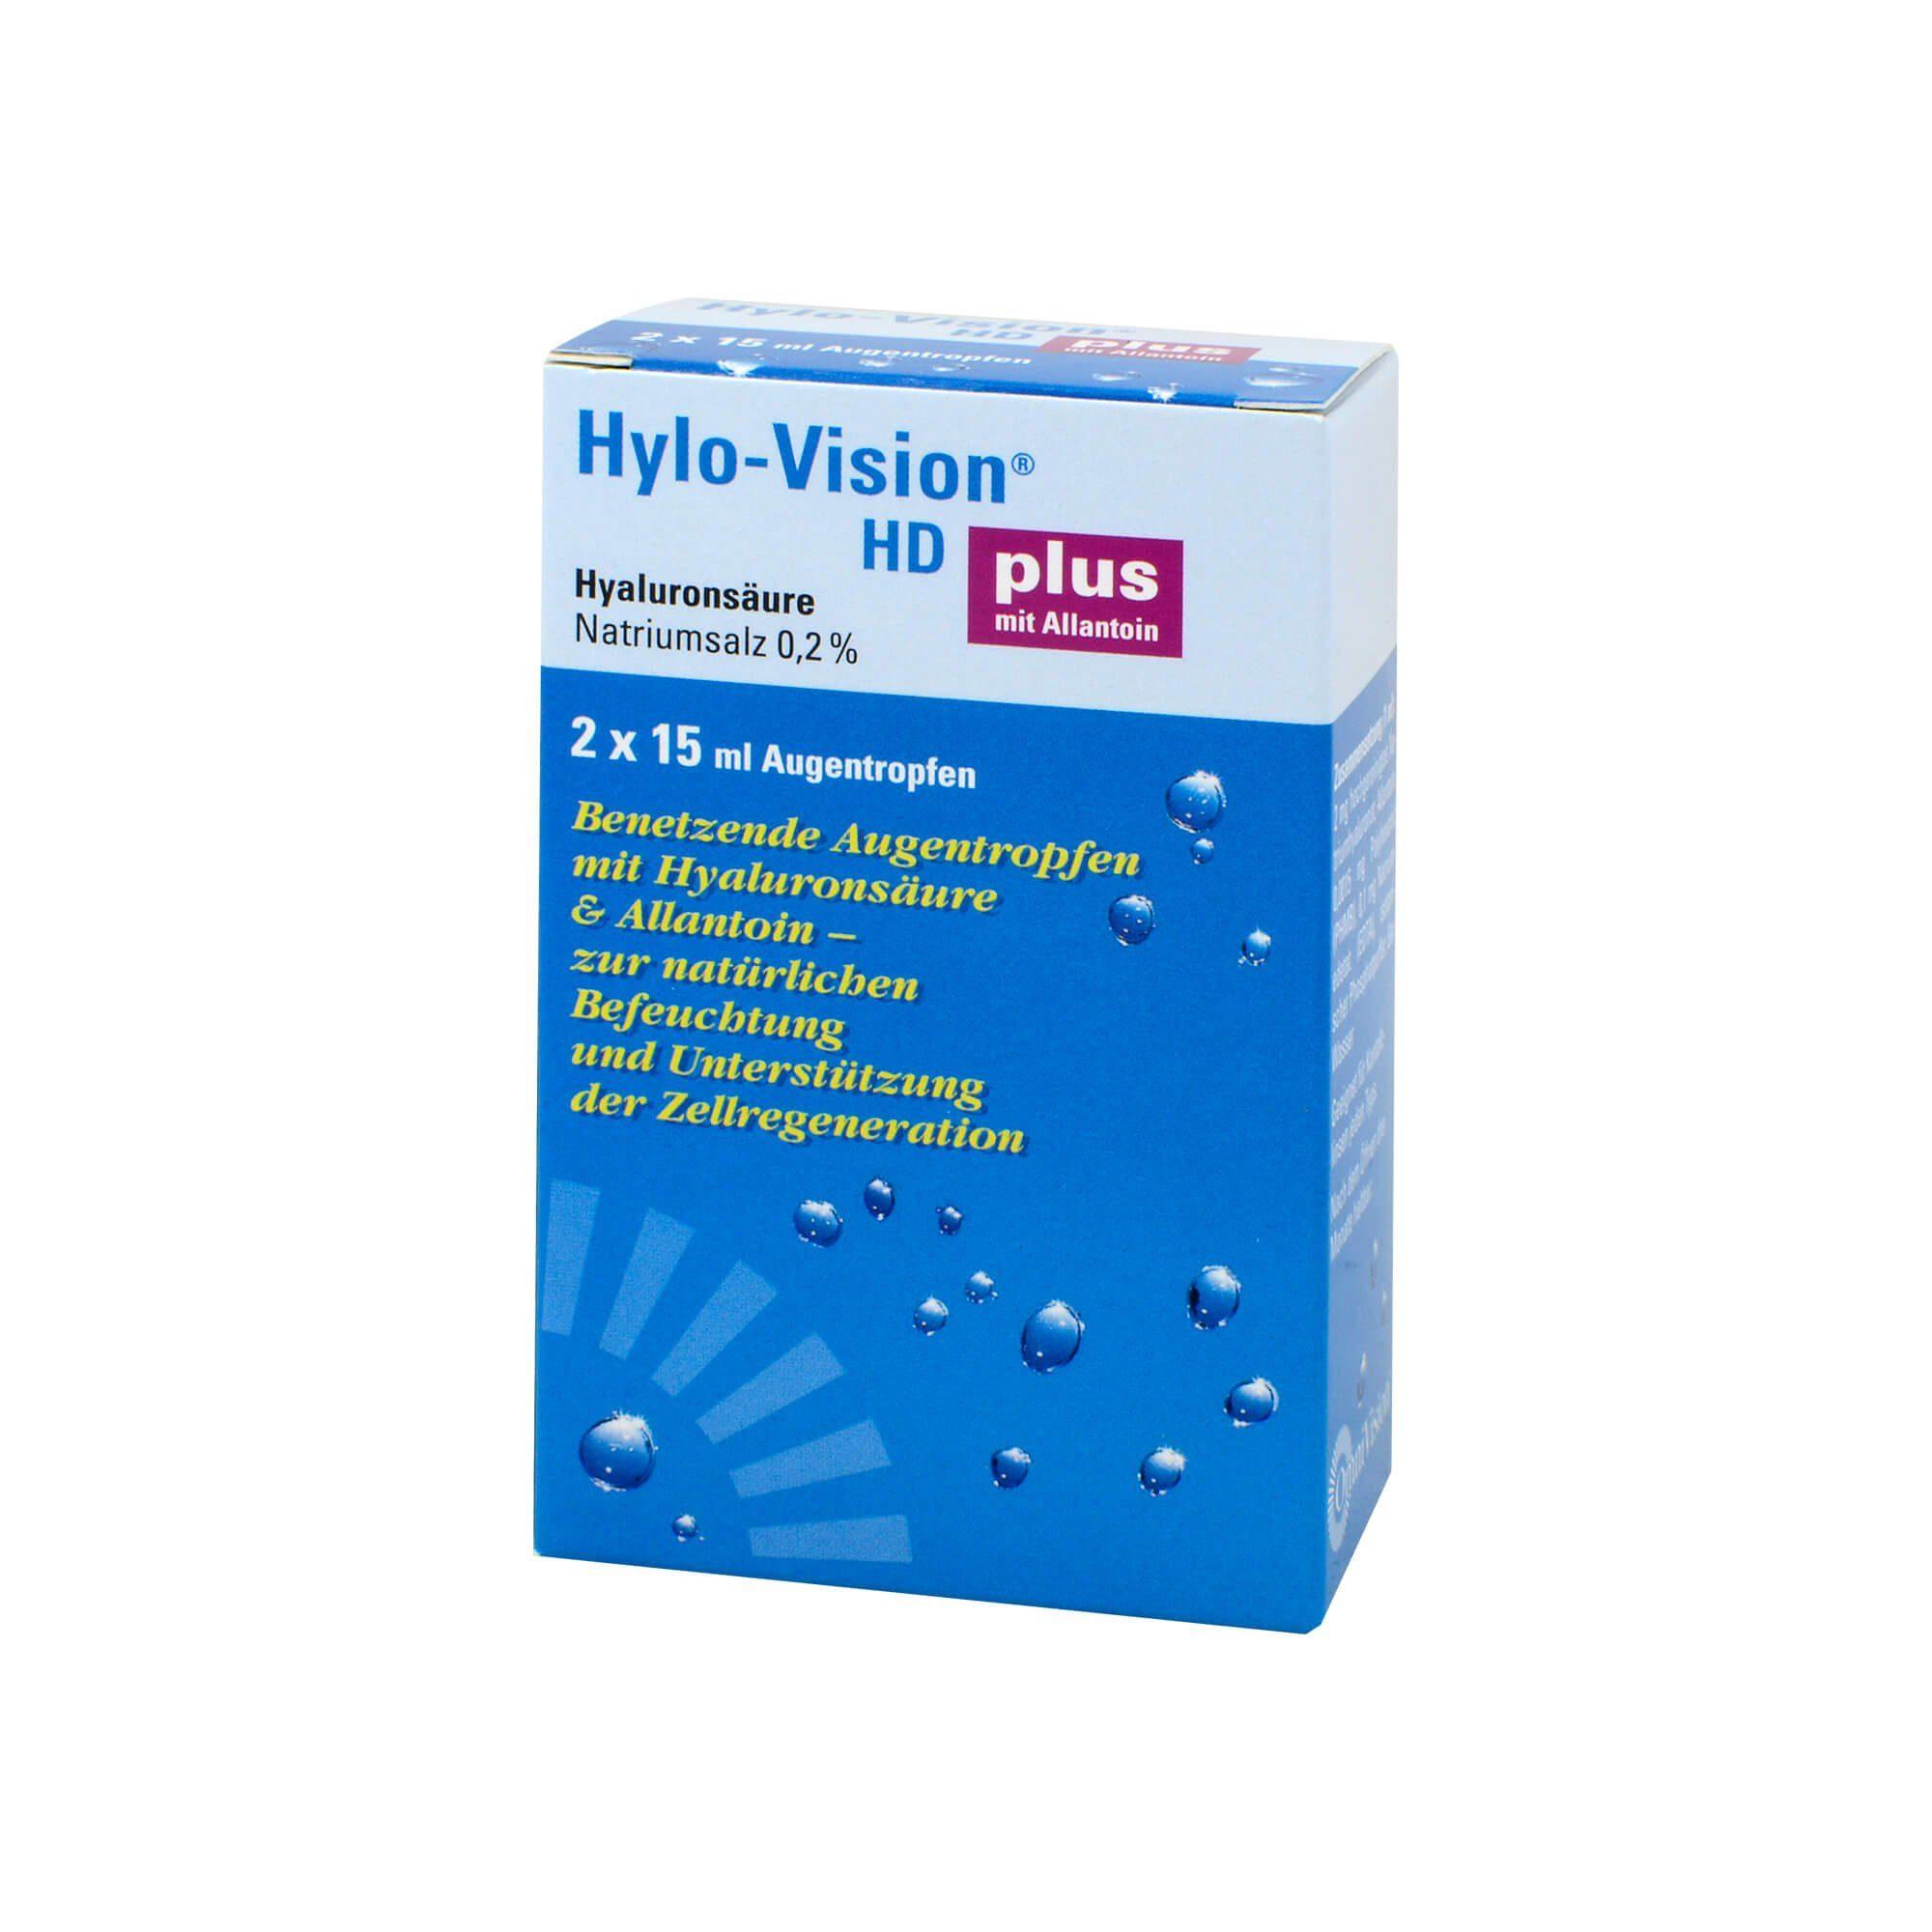 Hylo-Vision HD Plus Augentropfen, 2X15 ml